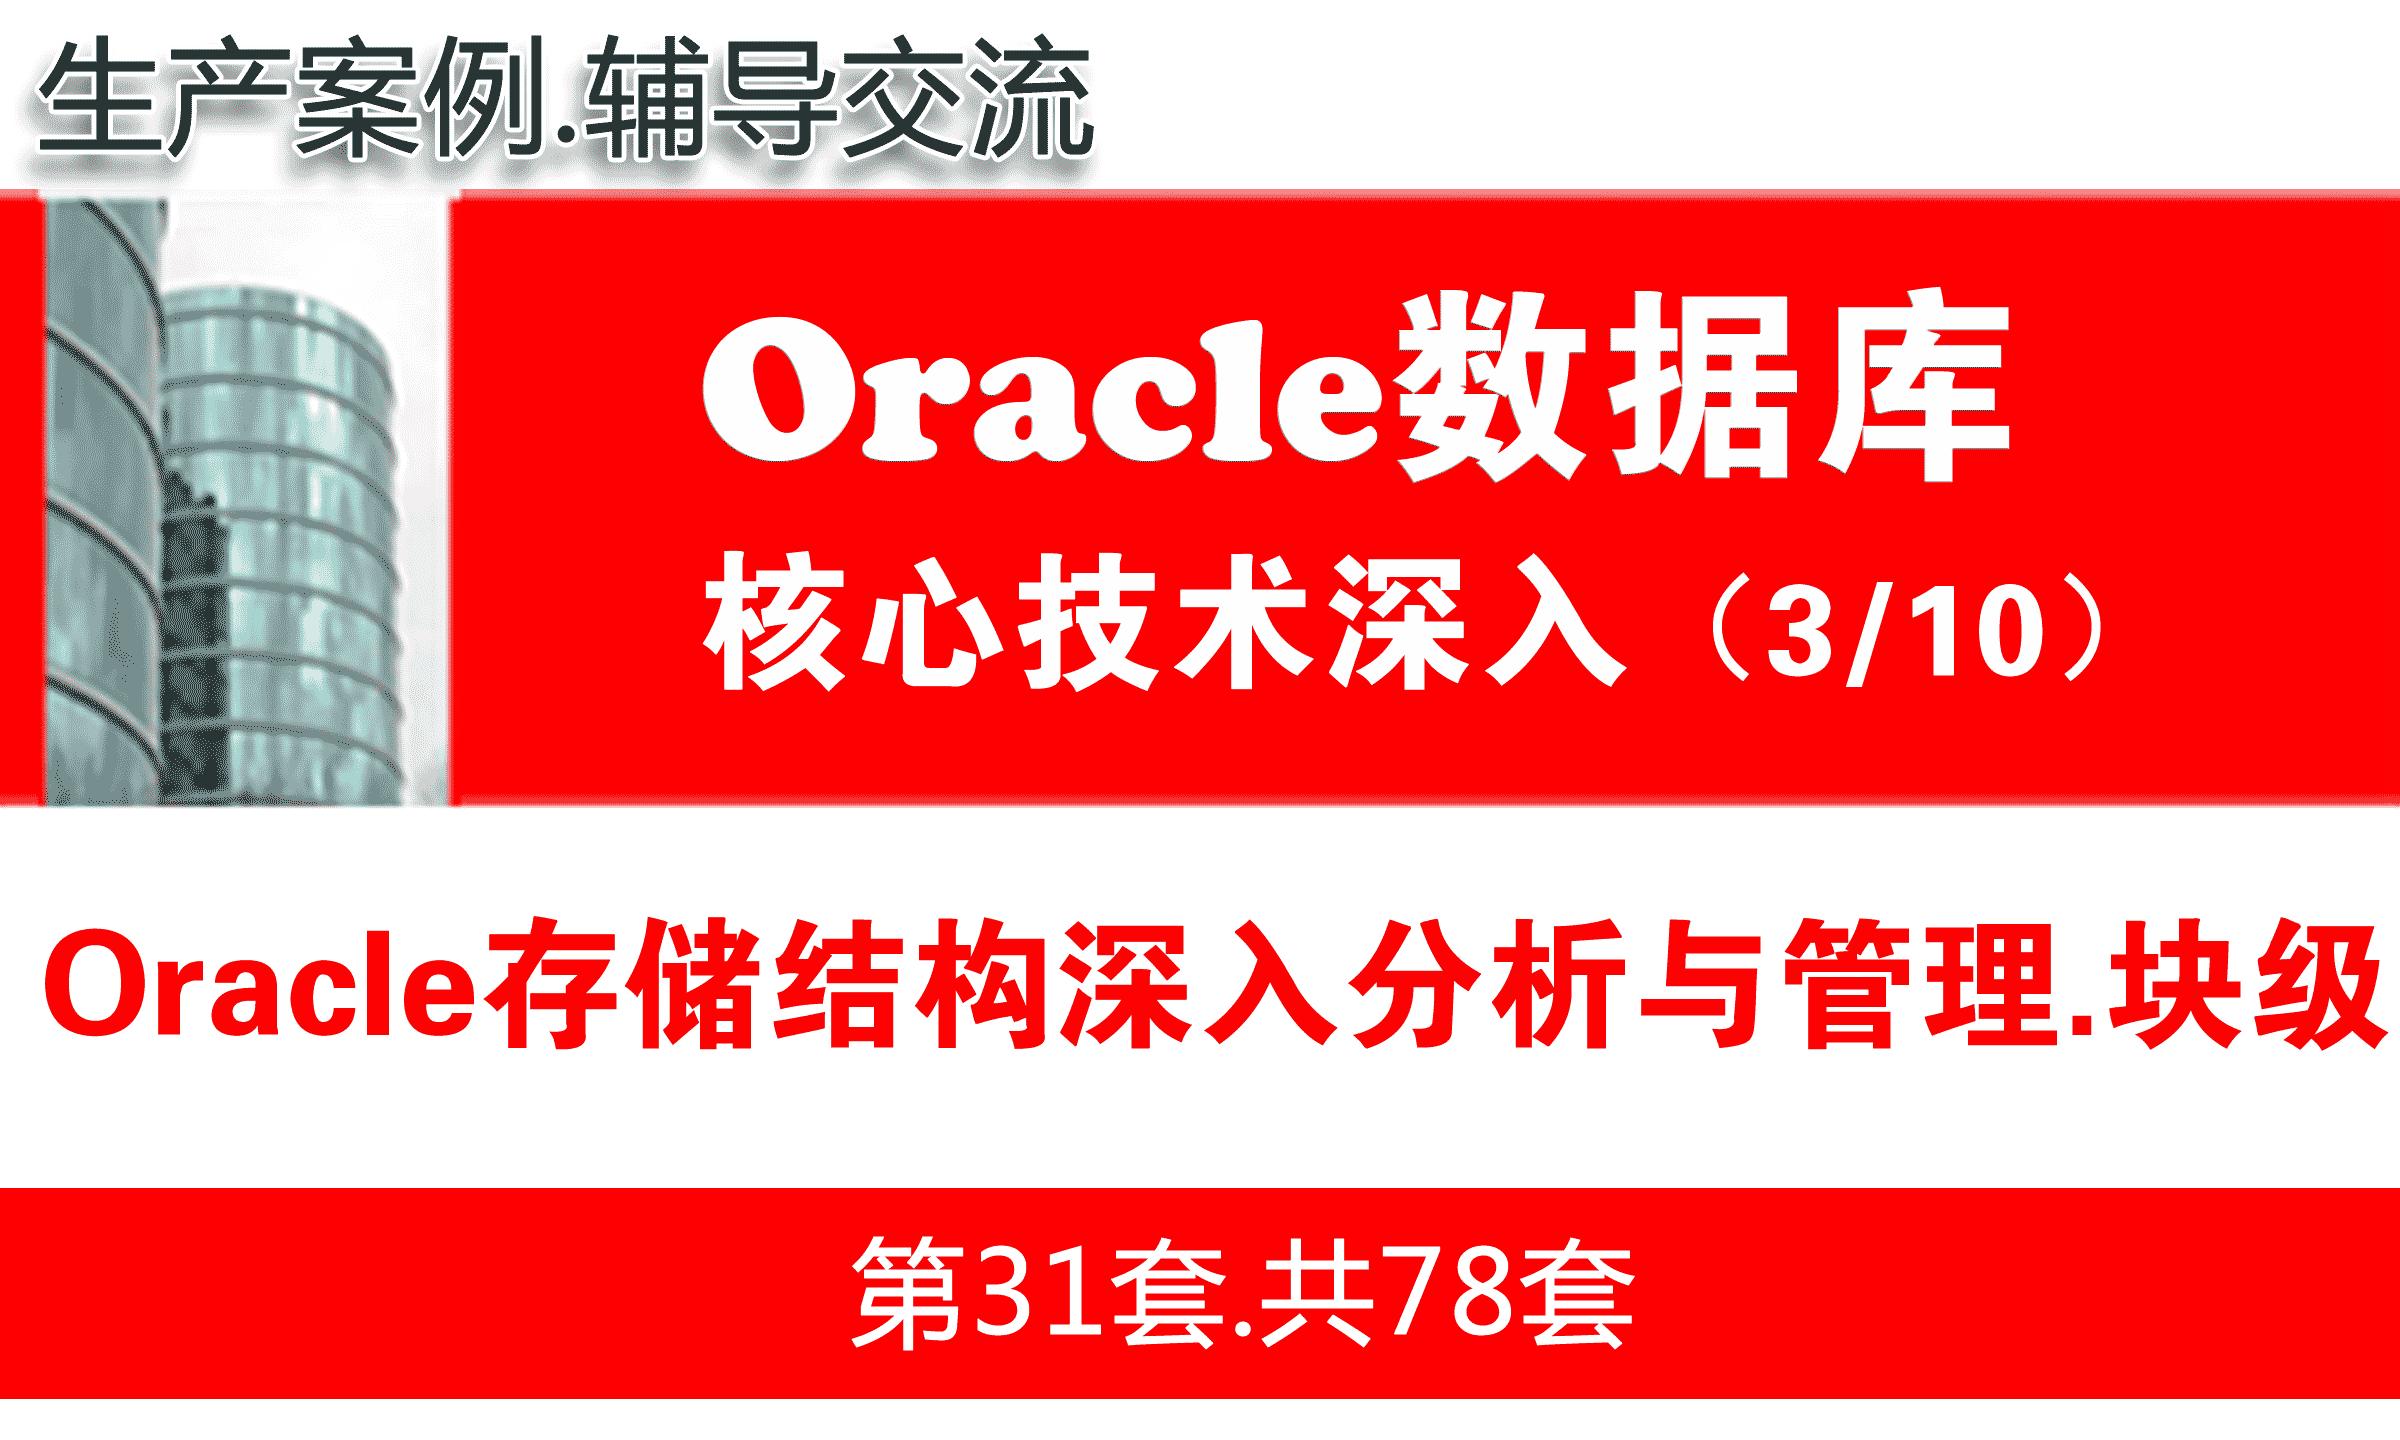 Oracle存储结构深入分析与管理_Oracle大发棋牌大发棋牌技巧技巧 视频 教程_基础深入与核心大发棋牌大发棋牌技巧技巧 技术 03